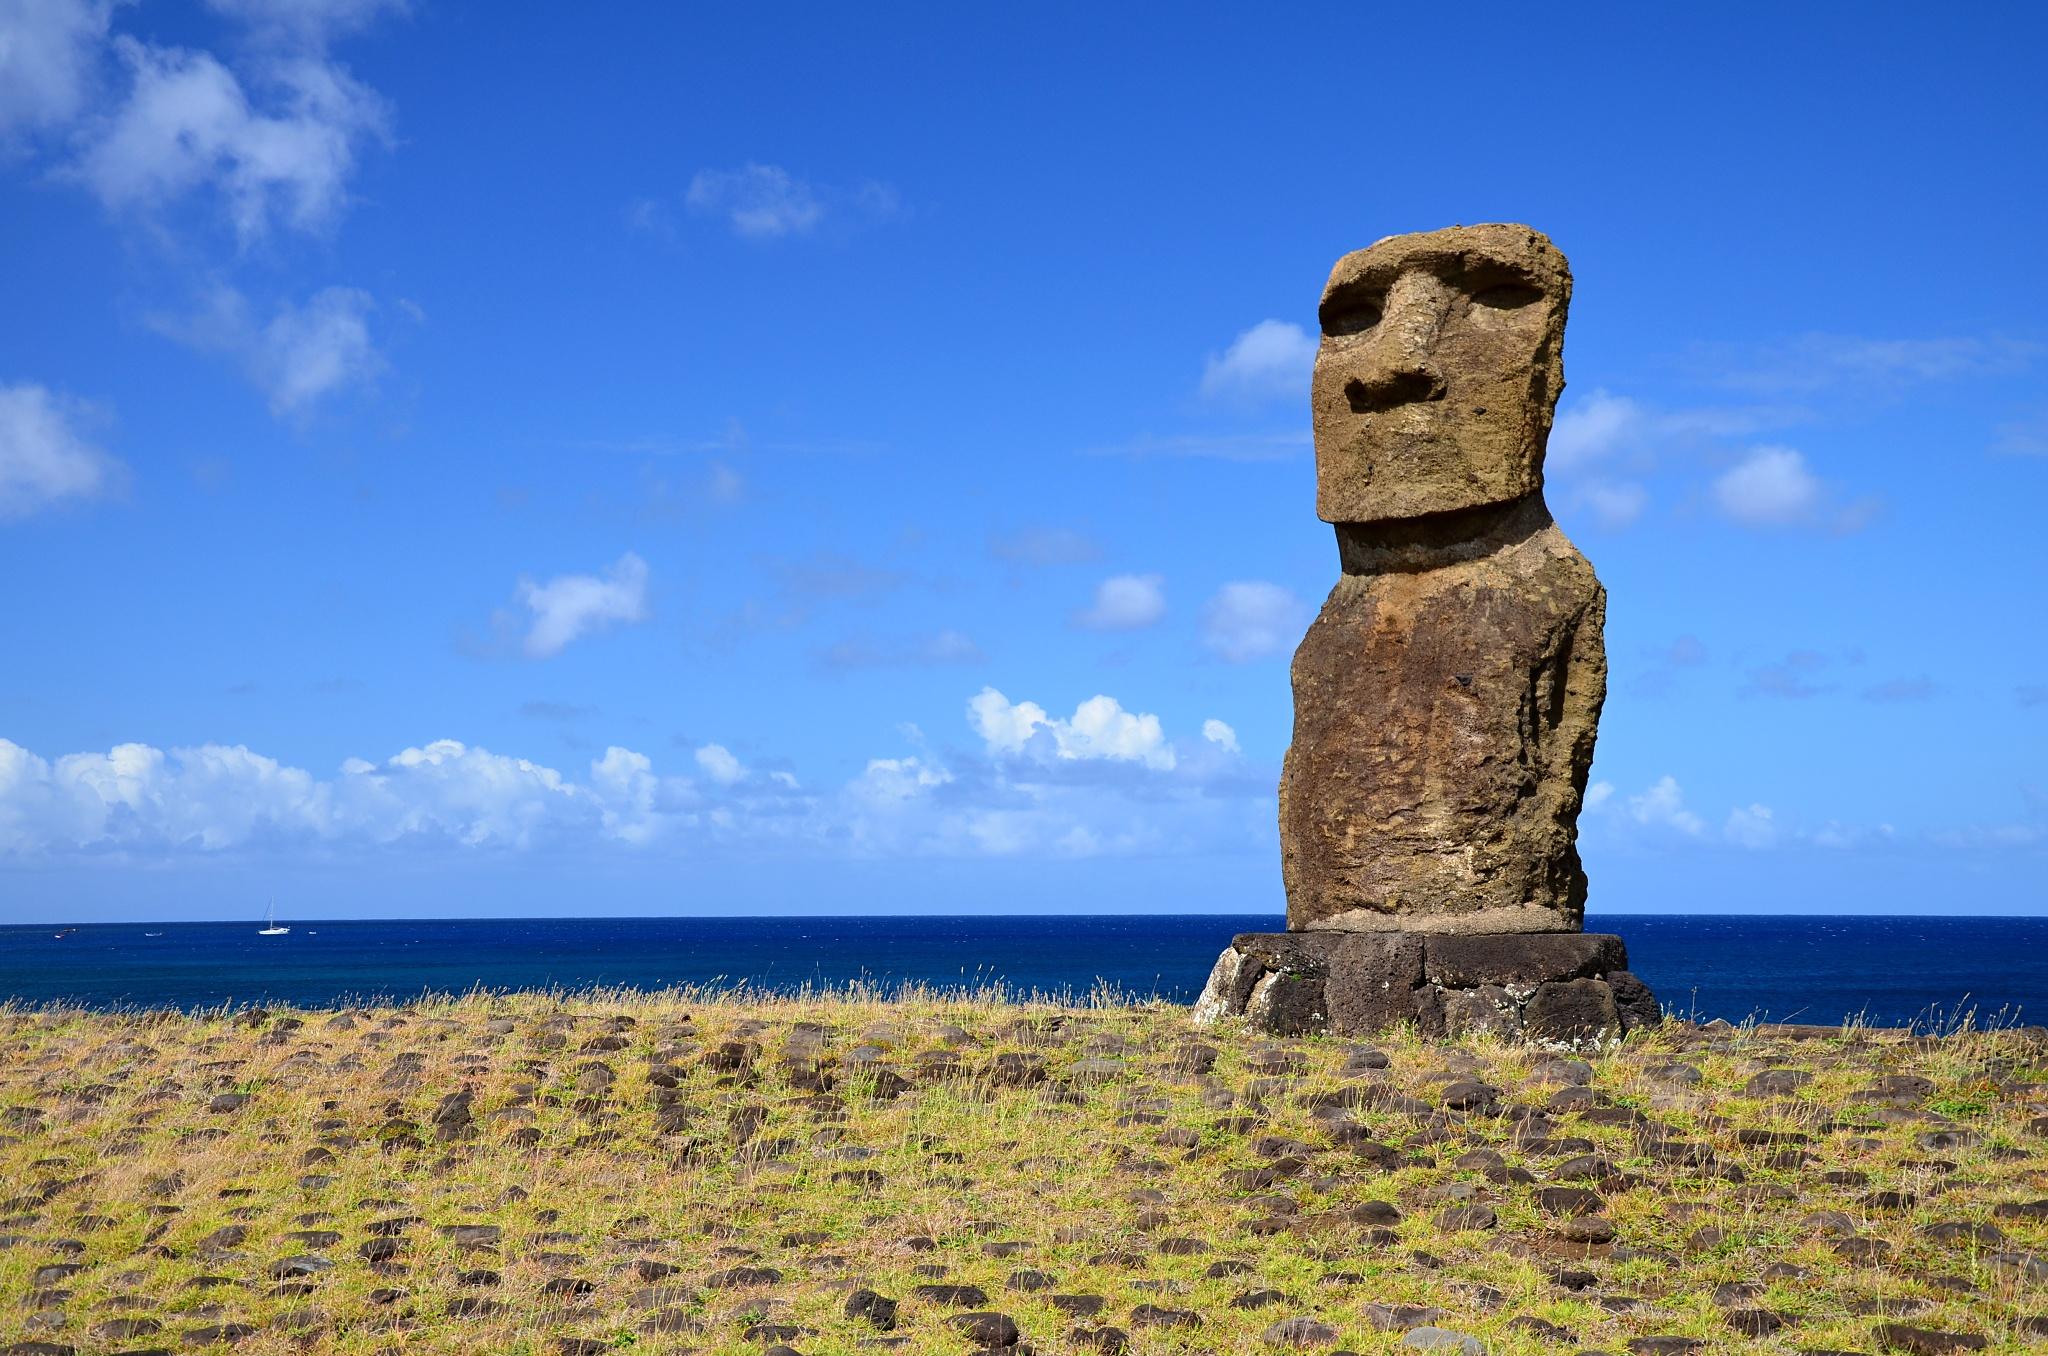 Samostatně stojící Moai na místě Ahu Hanga Kioe